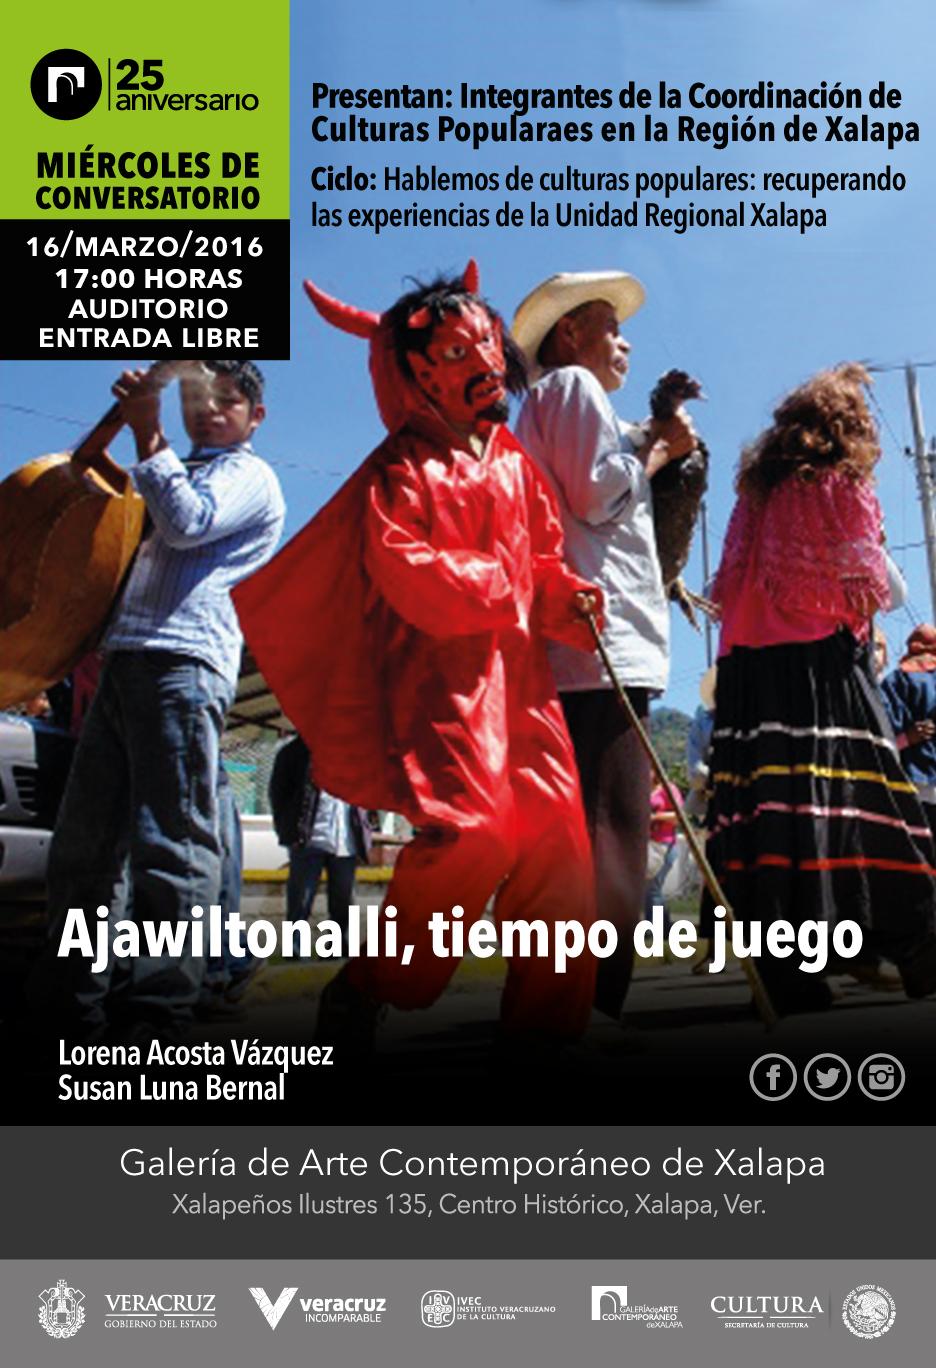 Hablarán de carnavales indígenas en Miércoles de Conversatorio de la GACX